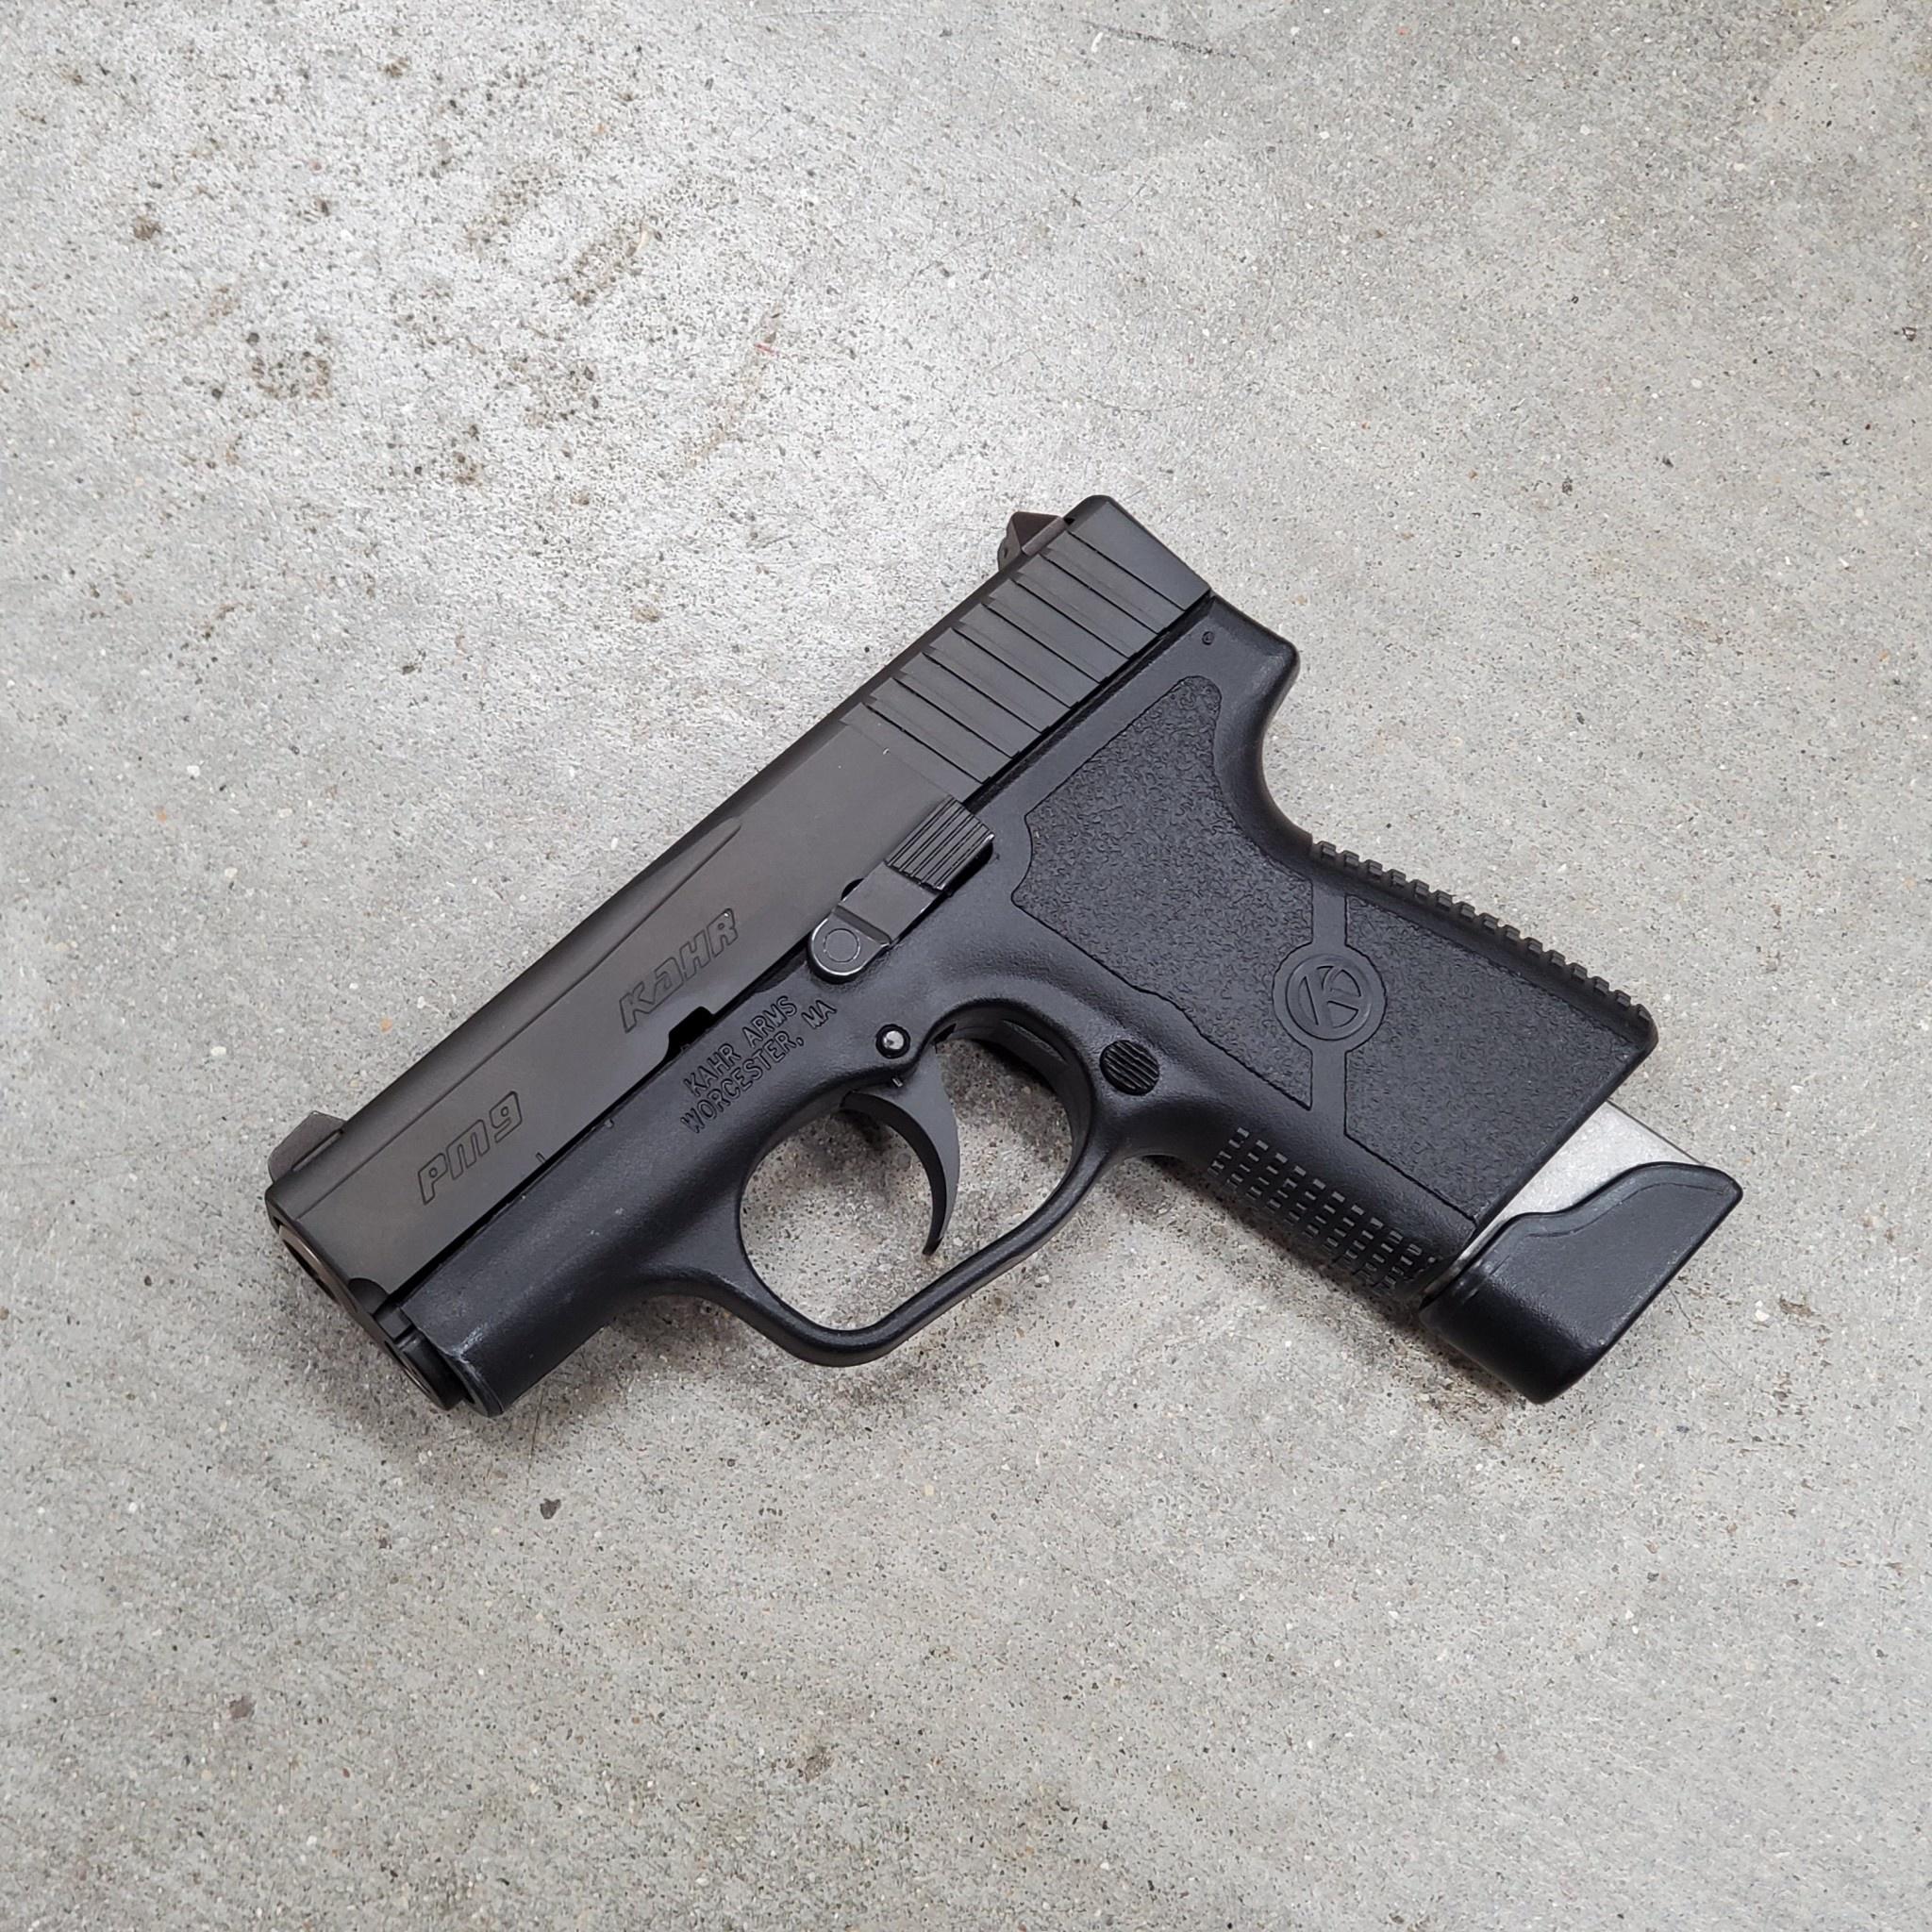 Used Kahr PM9, 9mm, black, 2 magazines